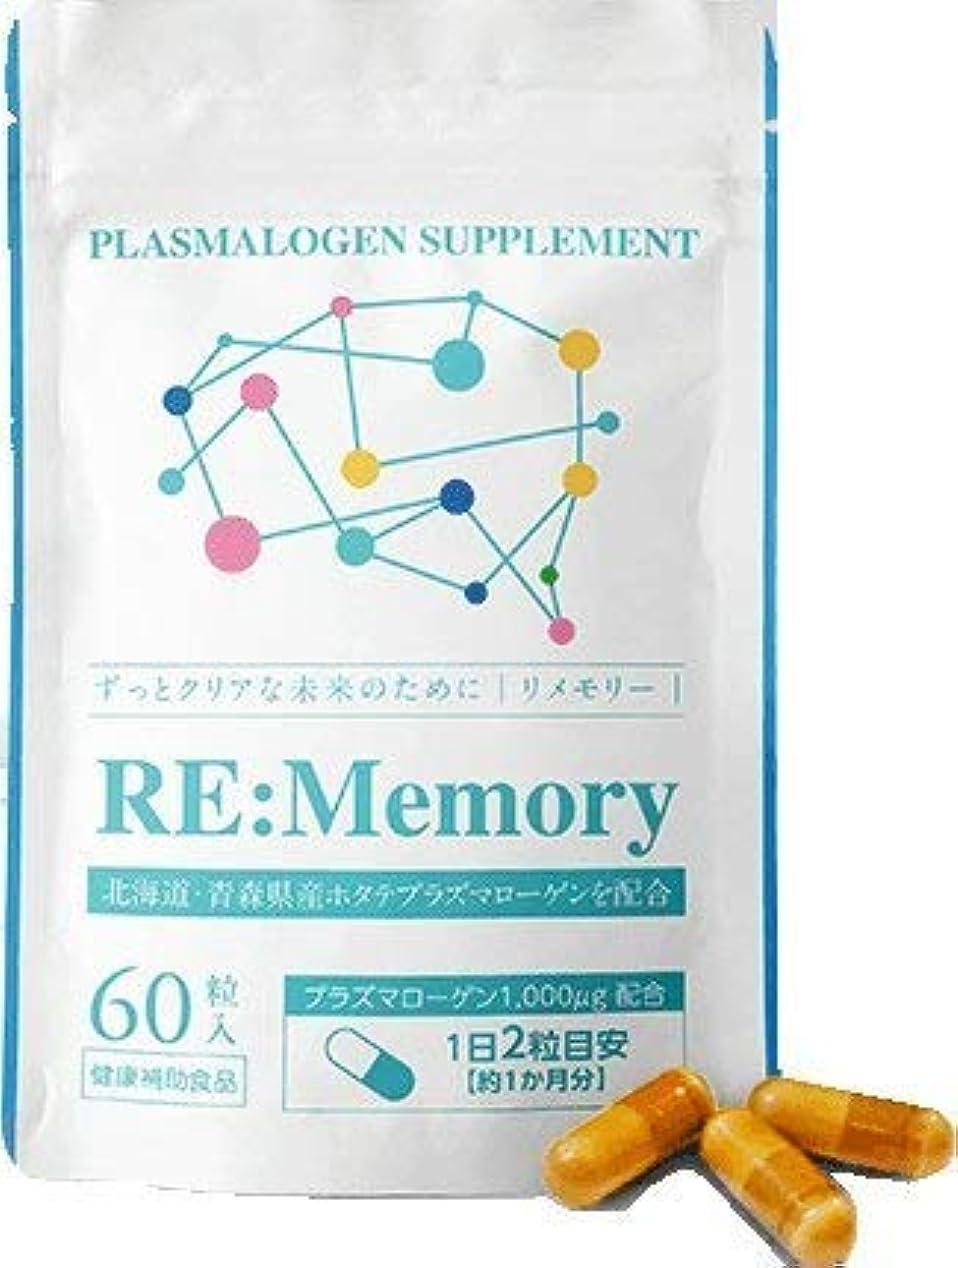 エキサイティング曲チョークリメモリー プラズマローゲン 自然良品 サプリ 国産ホタテ由来 DHA EPA フェルラ酸 60粒 30日分